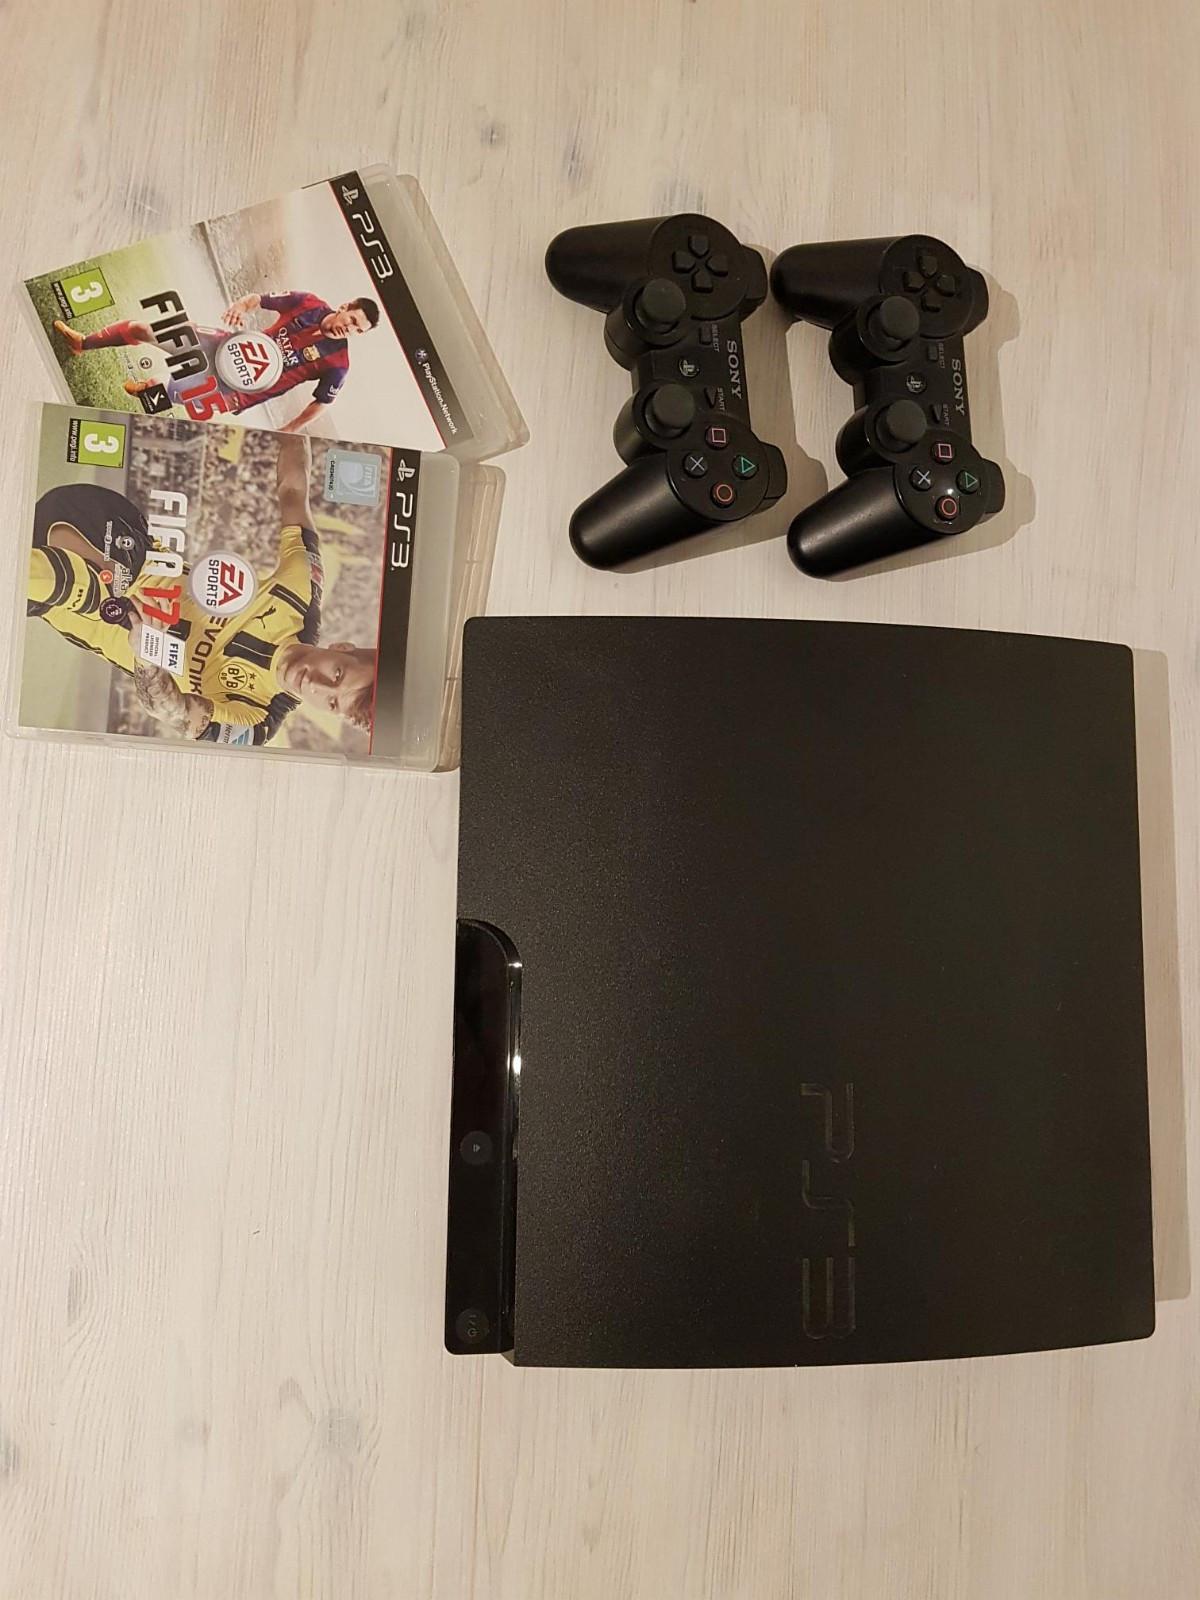 Playstation 3 (320GB) + 3 spill + 2 kontroller - Trondheim  - Spill: - FIFA 15 - FIFA 17 - Assassins Creed - Revelations  HDMI-kabel, lader til kontroller, strømkabel og orginaleske følger med.  Kan sendes dersom kjøper betaler frakt. - Trondheim